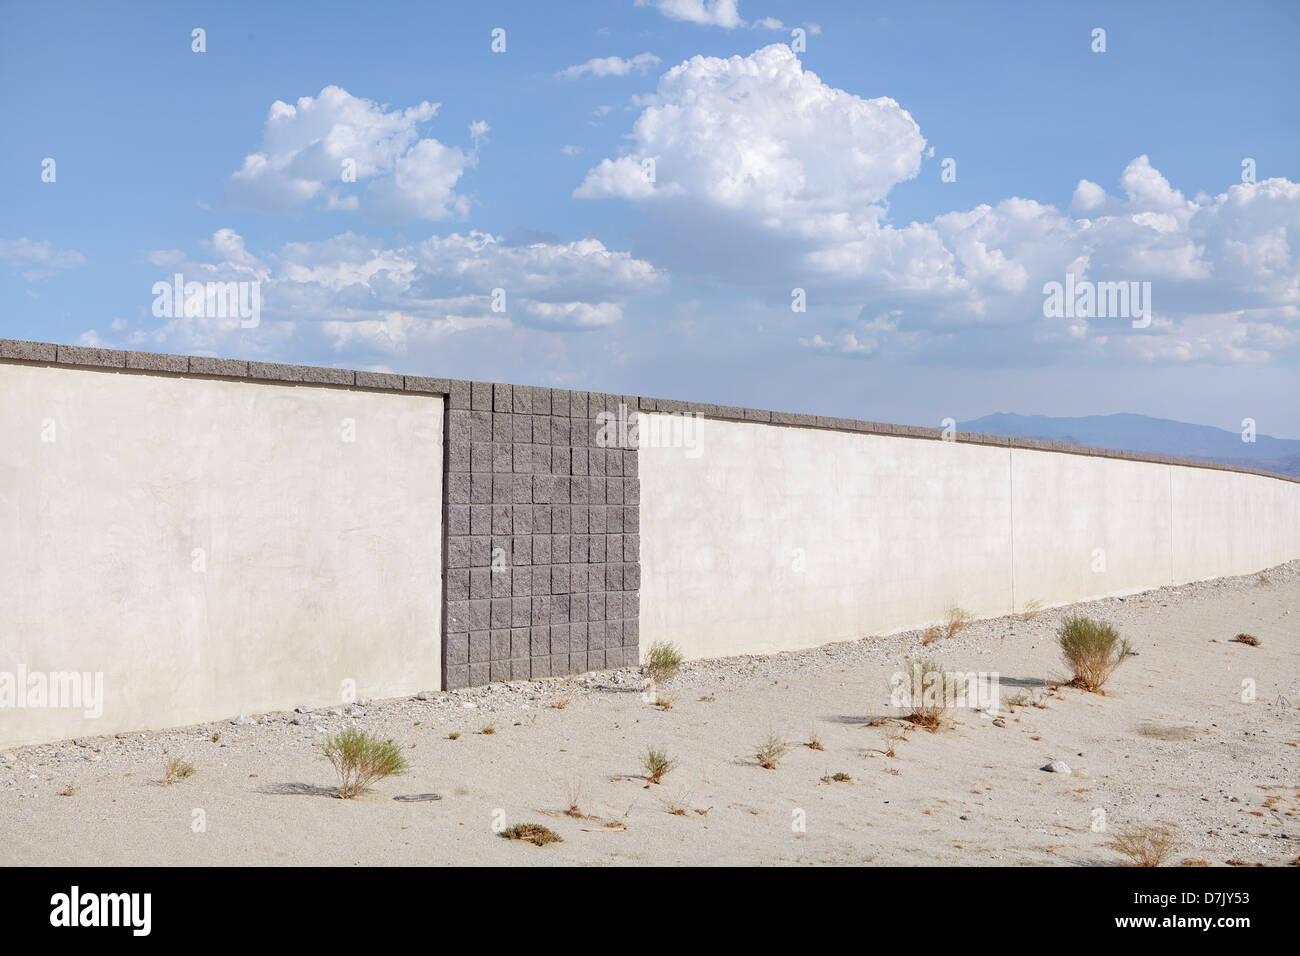 Weiße Wände gegen blauen Himmel Stockbild